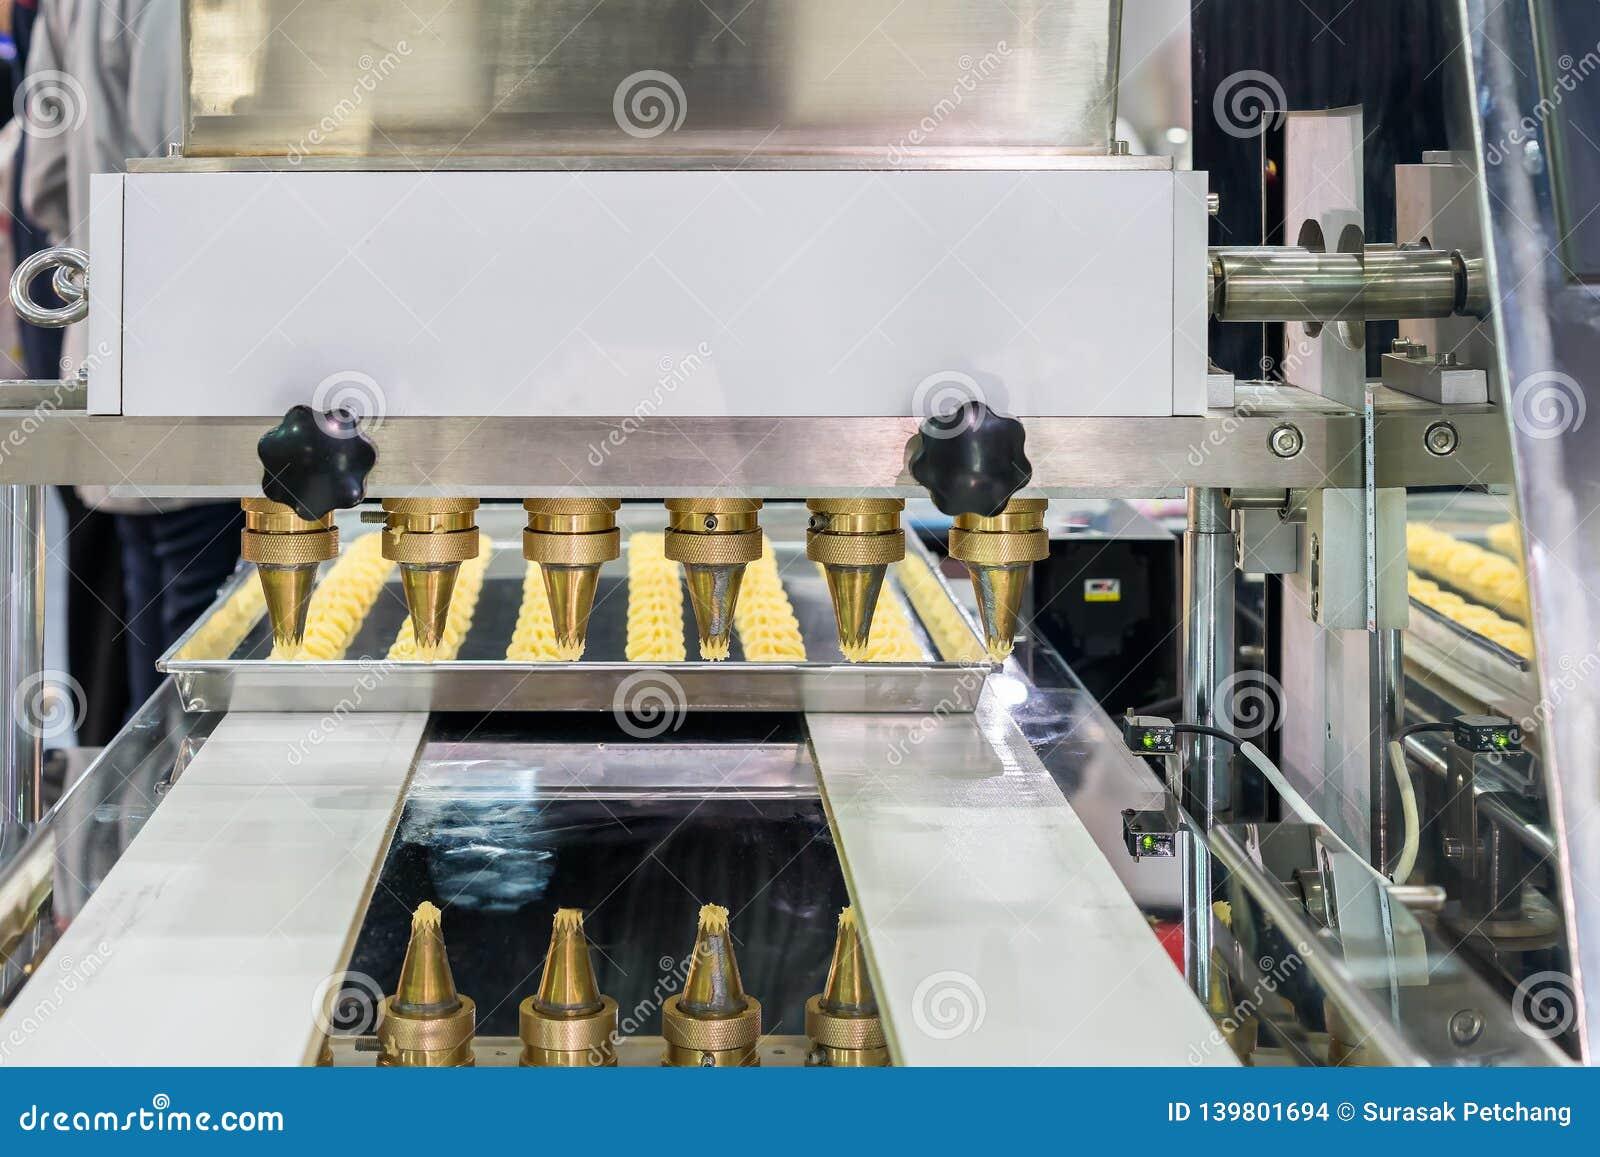 Feche acima da massa ou do creme e proveja de bocal a descarga do biscoito ou dos doces automáticos que fazem a máquina na linha